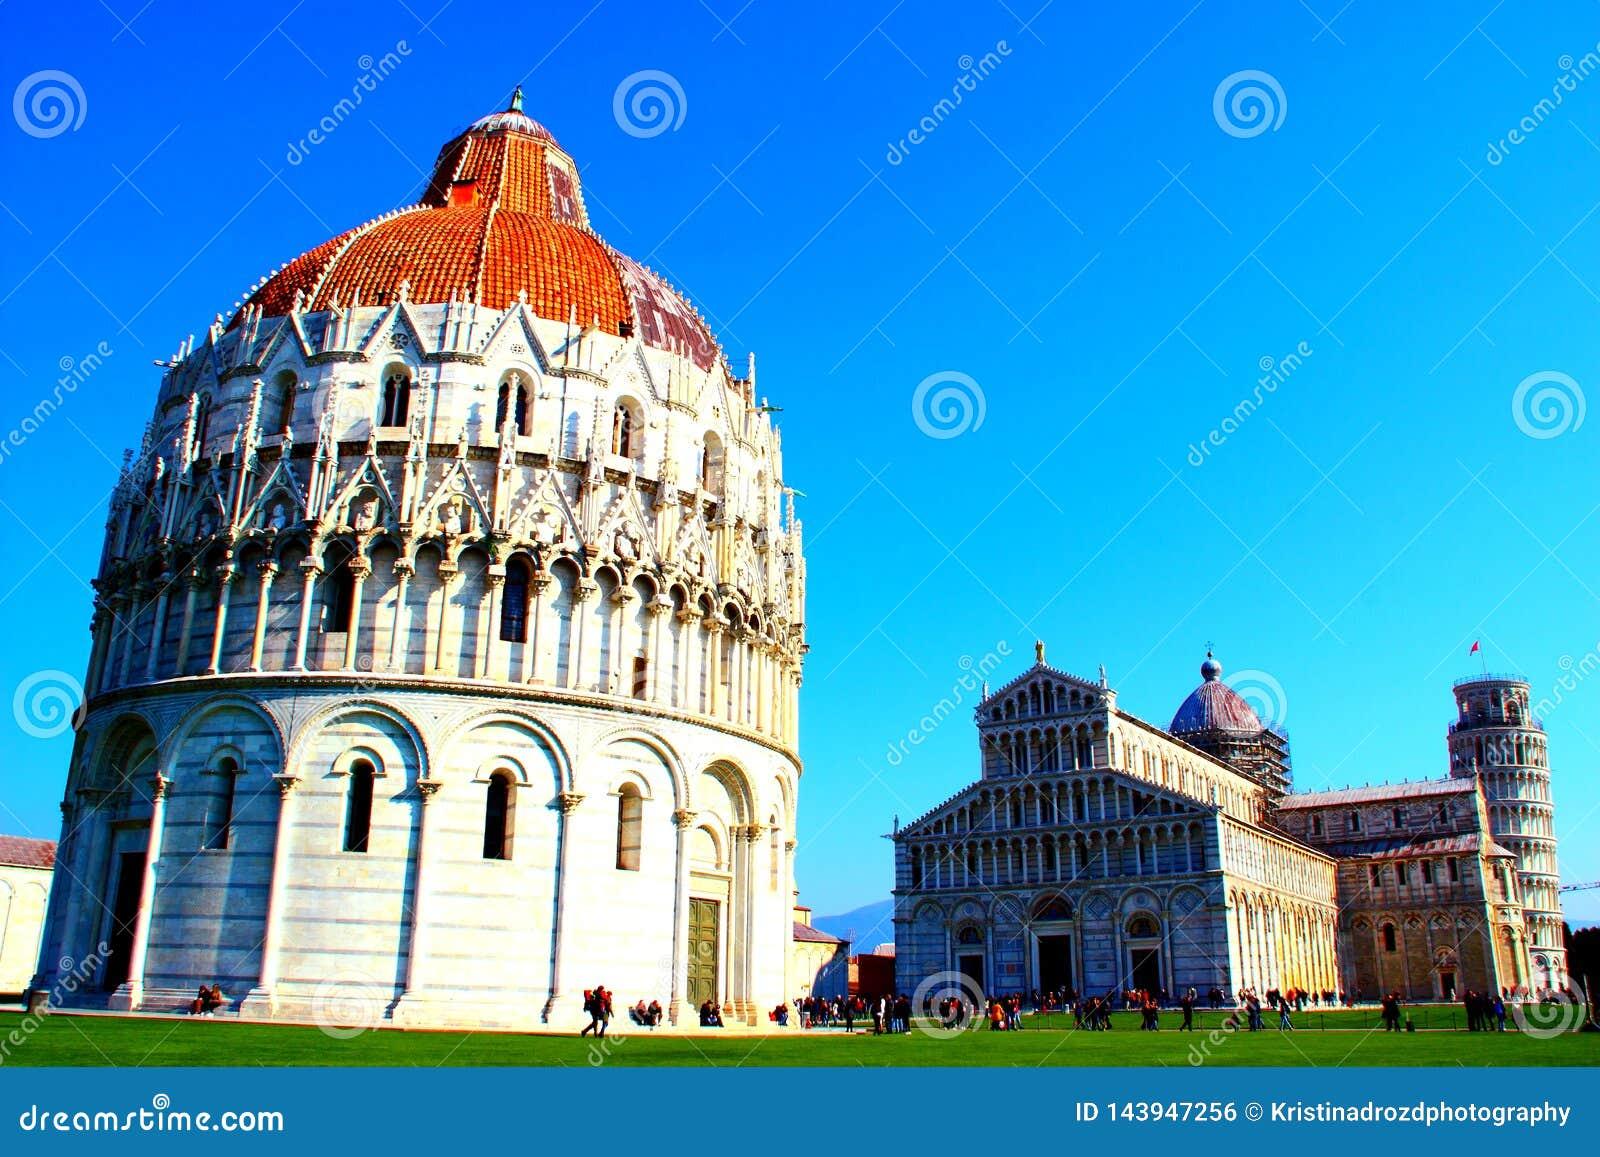 PISA, ITALIA - CIRCA FEBRERO DE 2018: El baptisterio, catedral de Pisa y la torre inclinada en el cuadrado de milagros